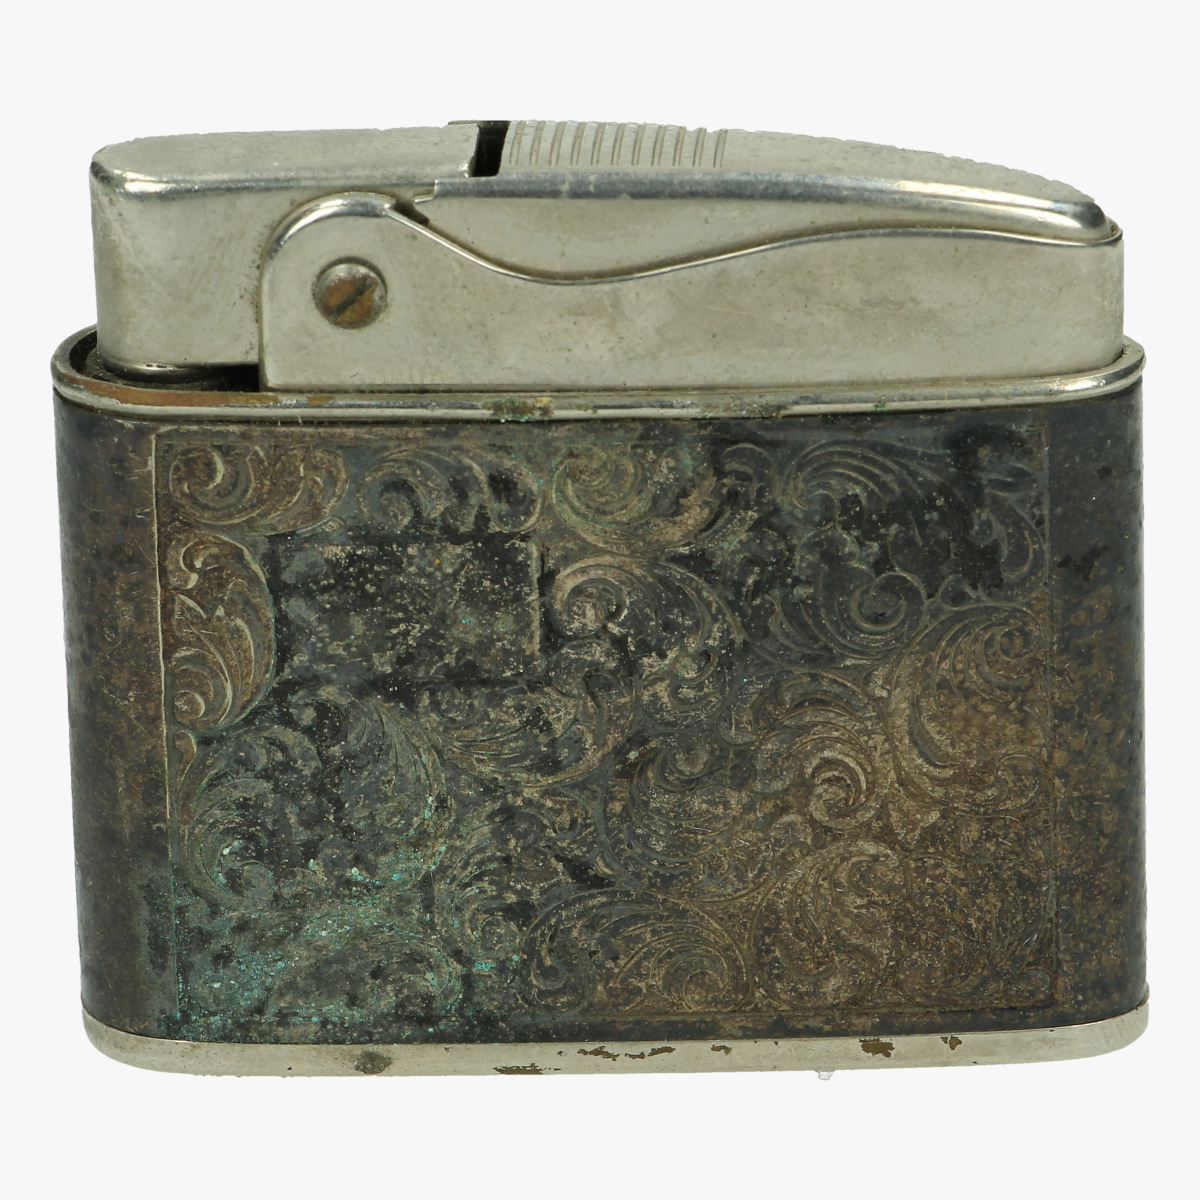 Afbeeldingen van oude aansteker rowenta snip